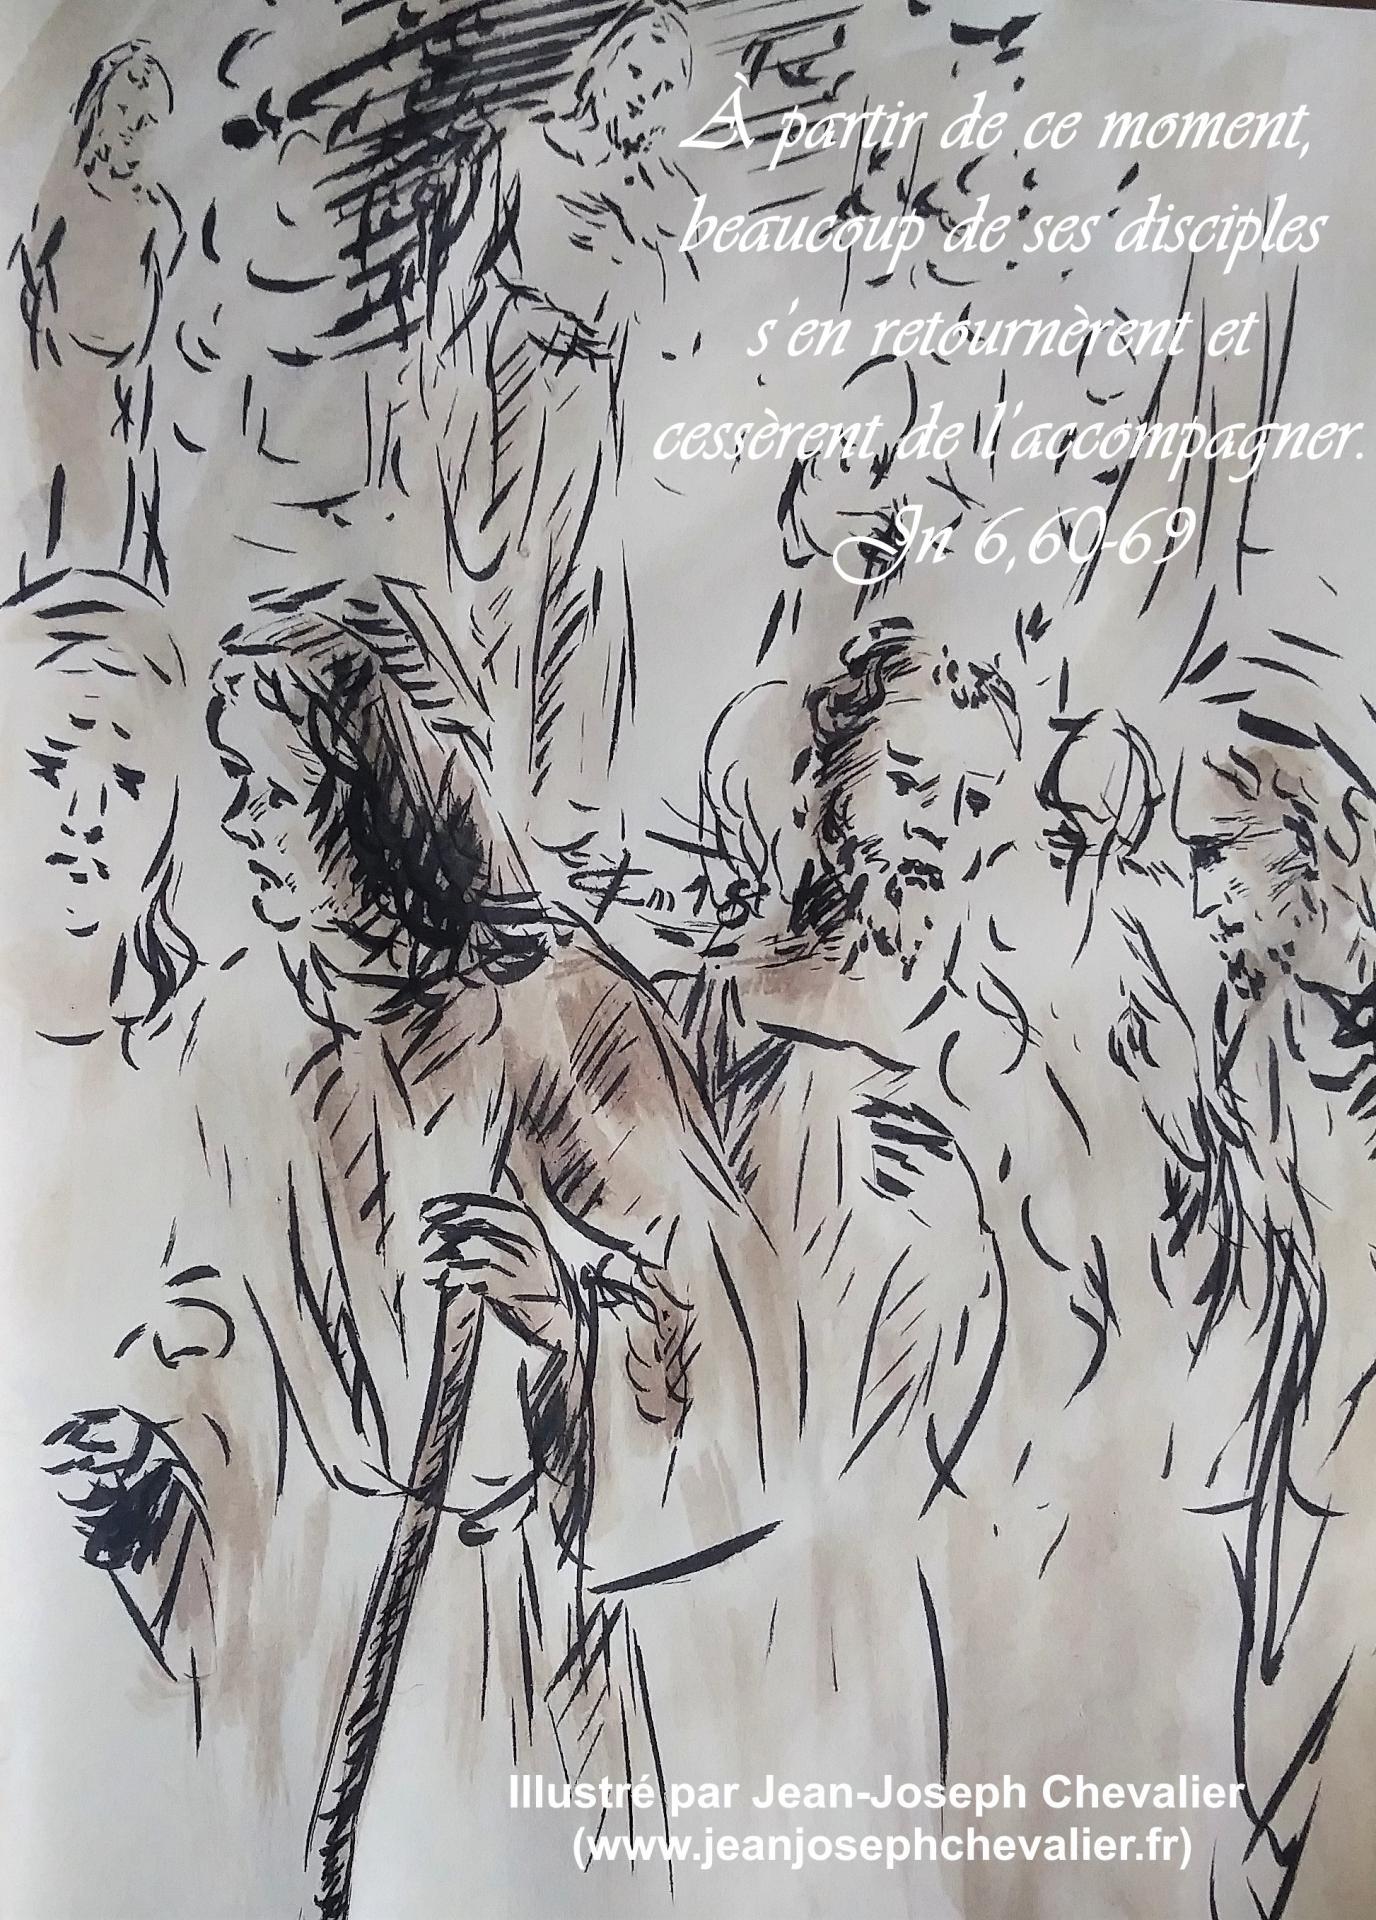 21 avril 2018 evangile du jour illustre par un dessin au lavis de jean joseph chevalier image